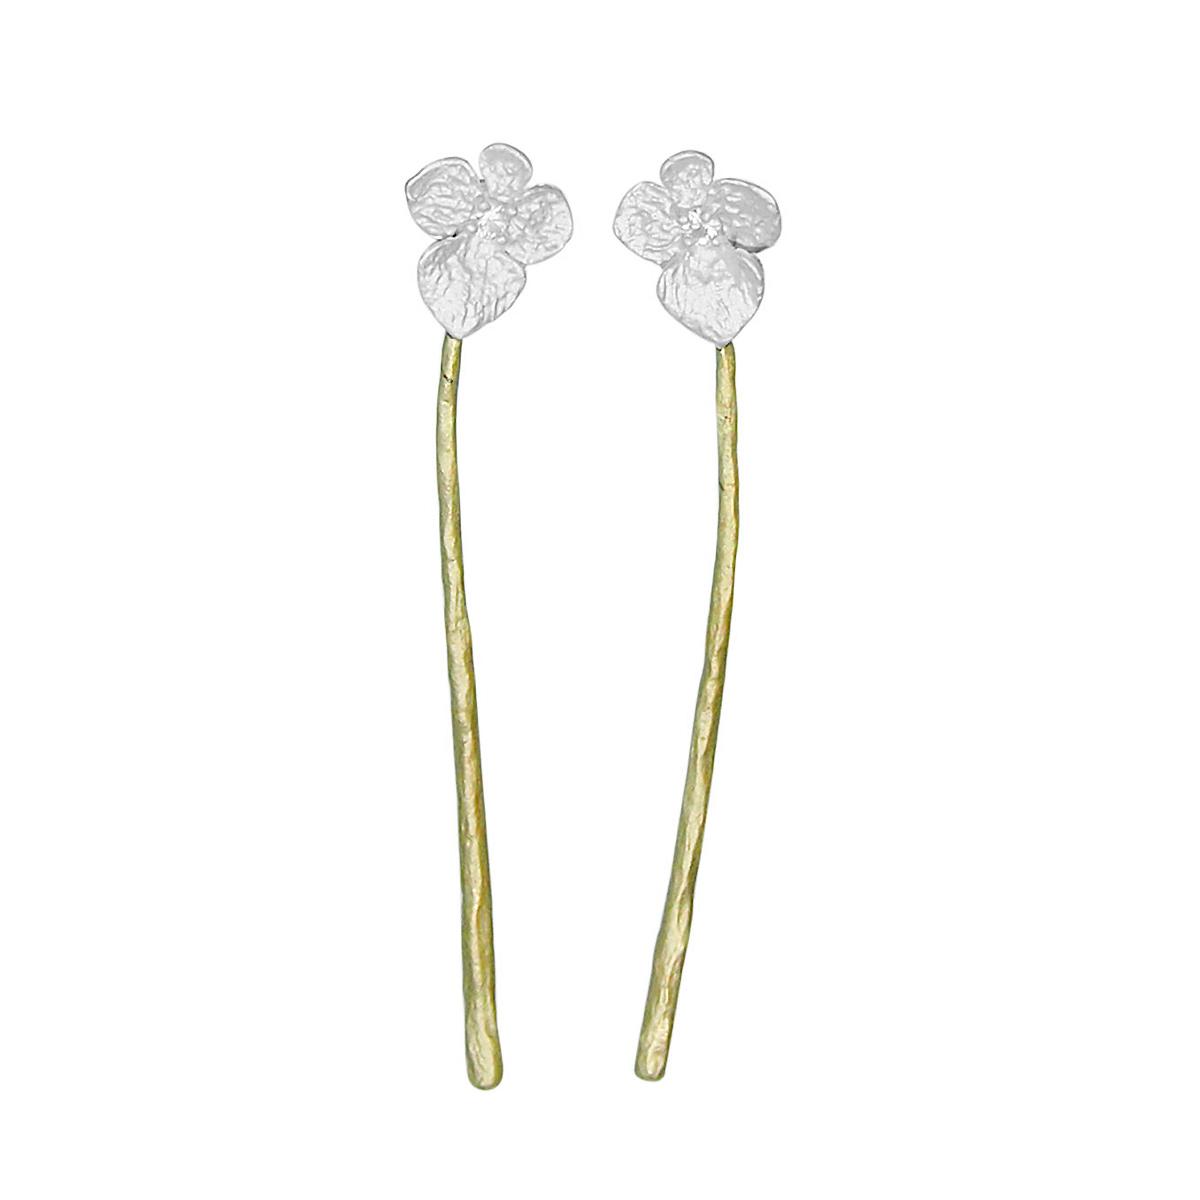 b3313-hydrangea-earrings